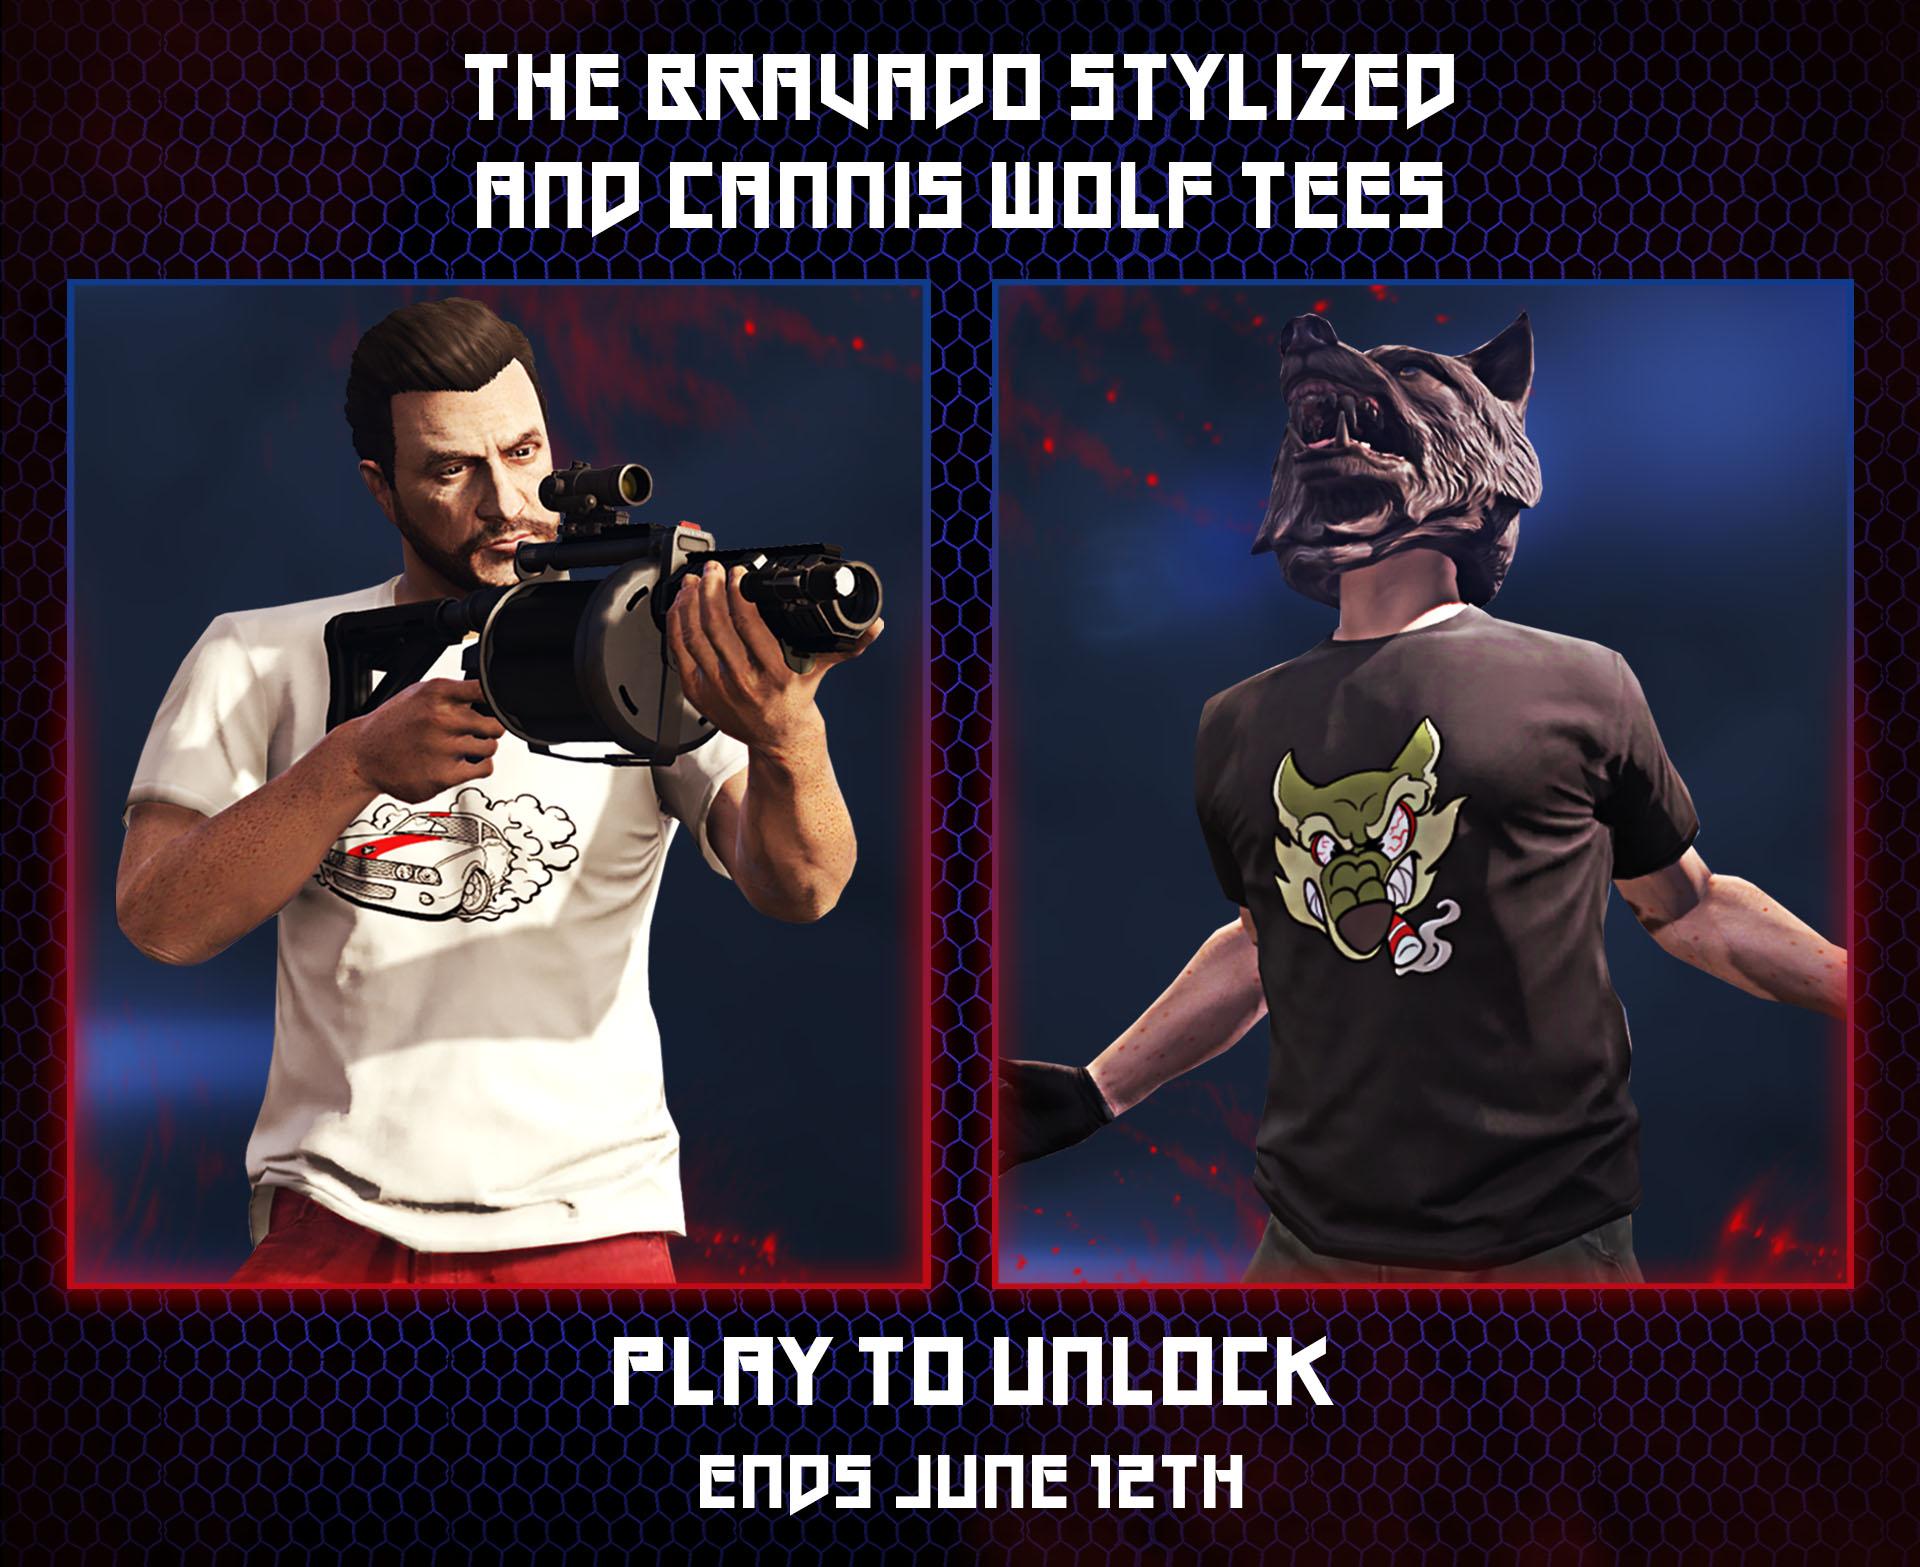 GTA Online Event Week: 2X rewards on Arena War modes